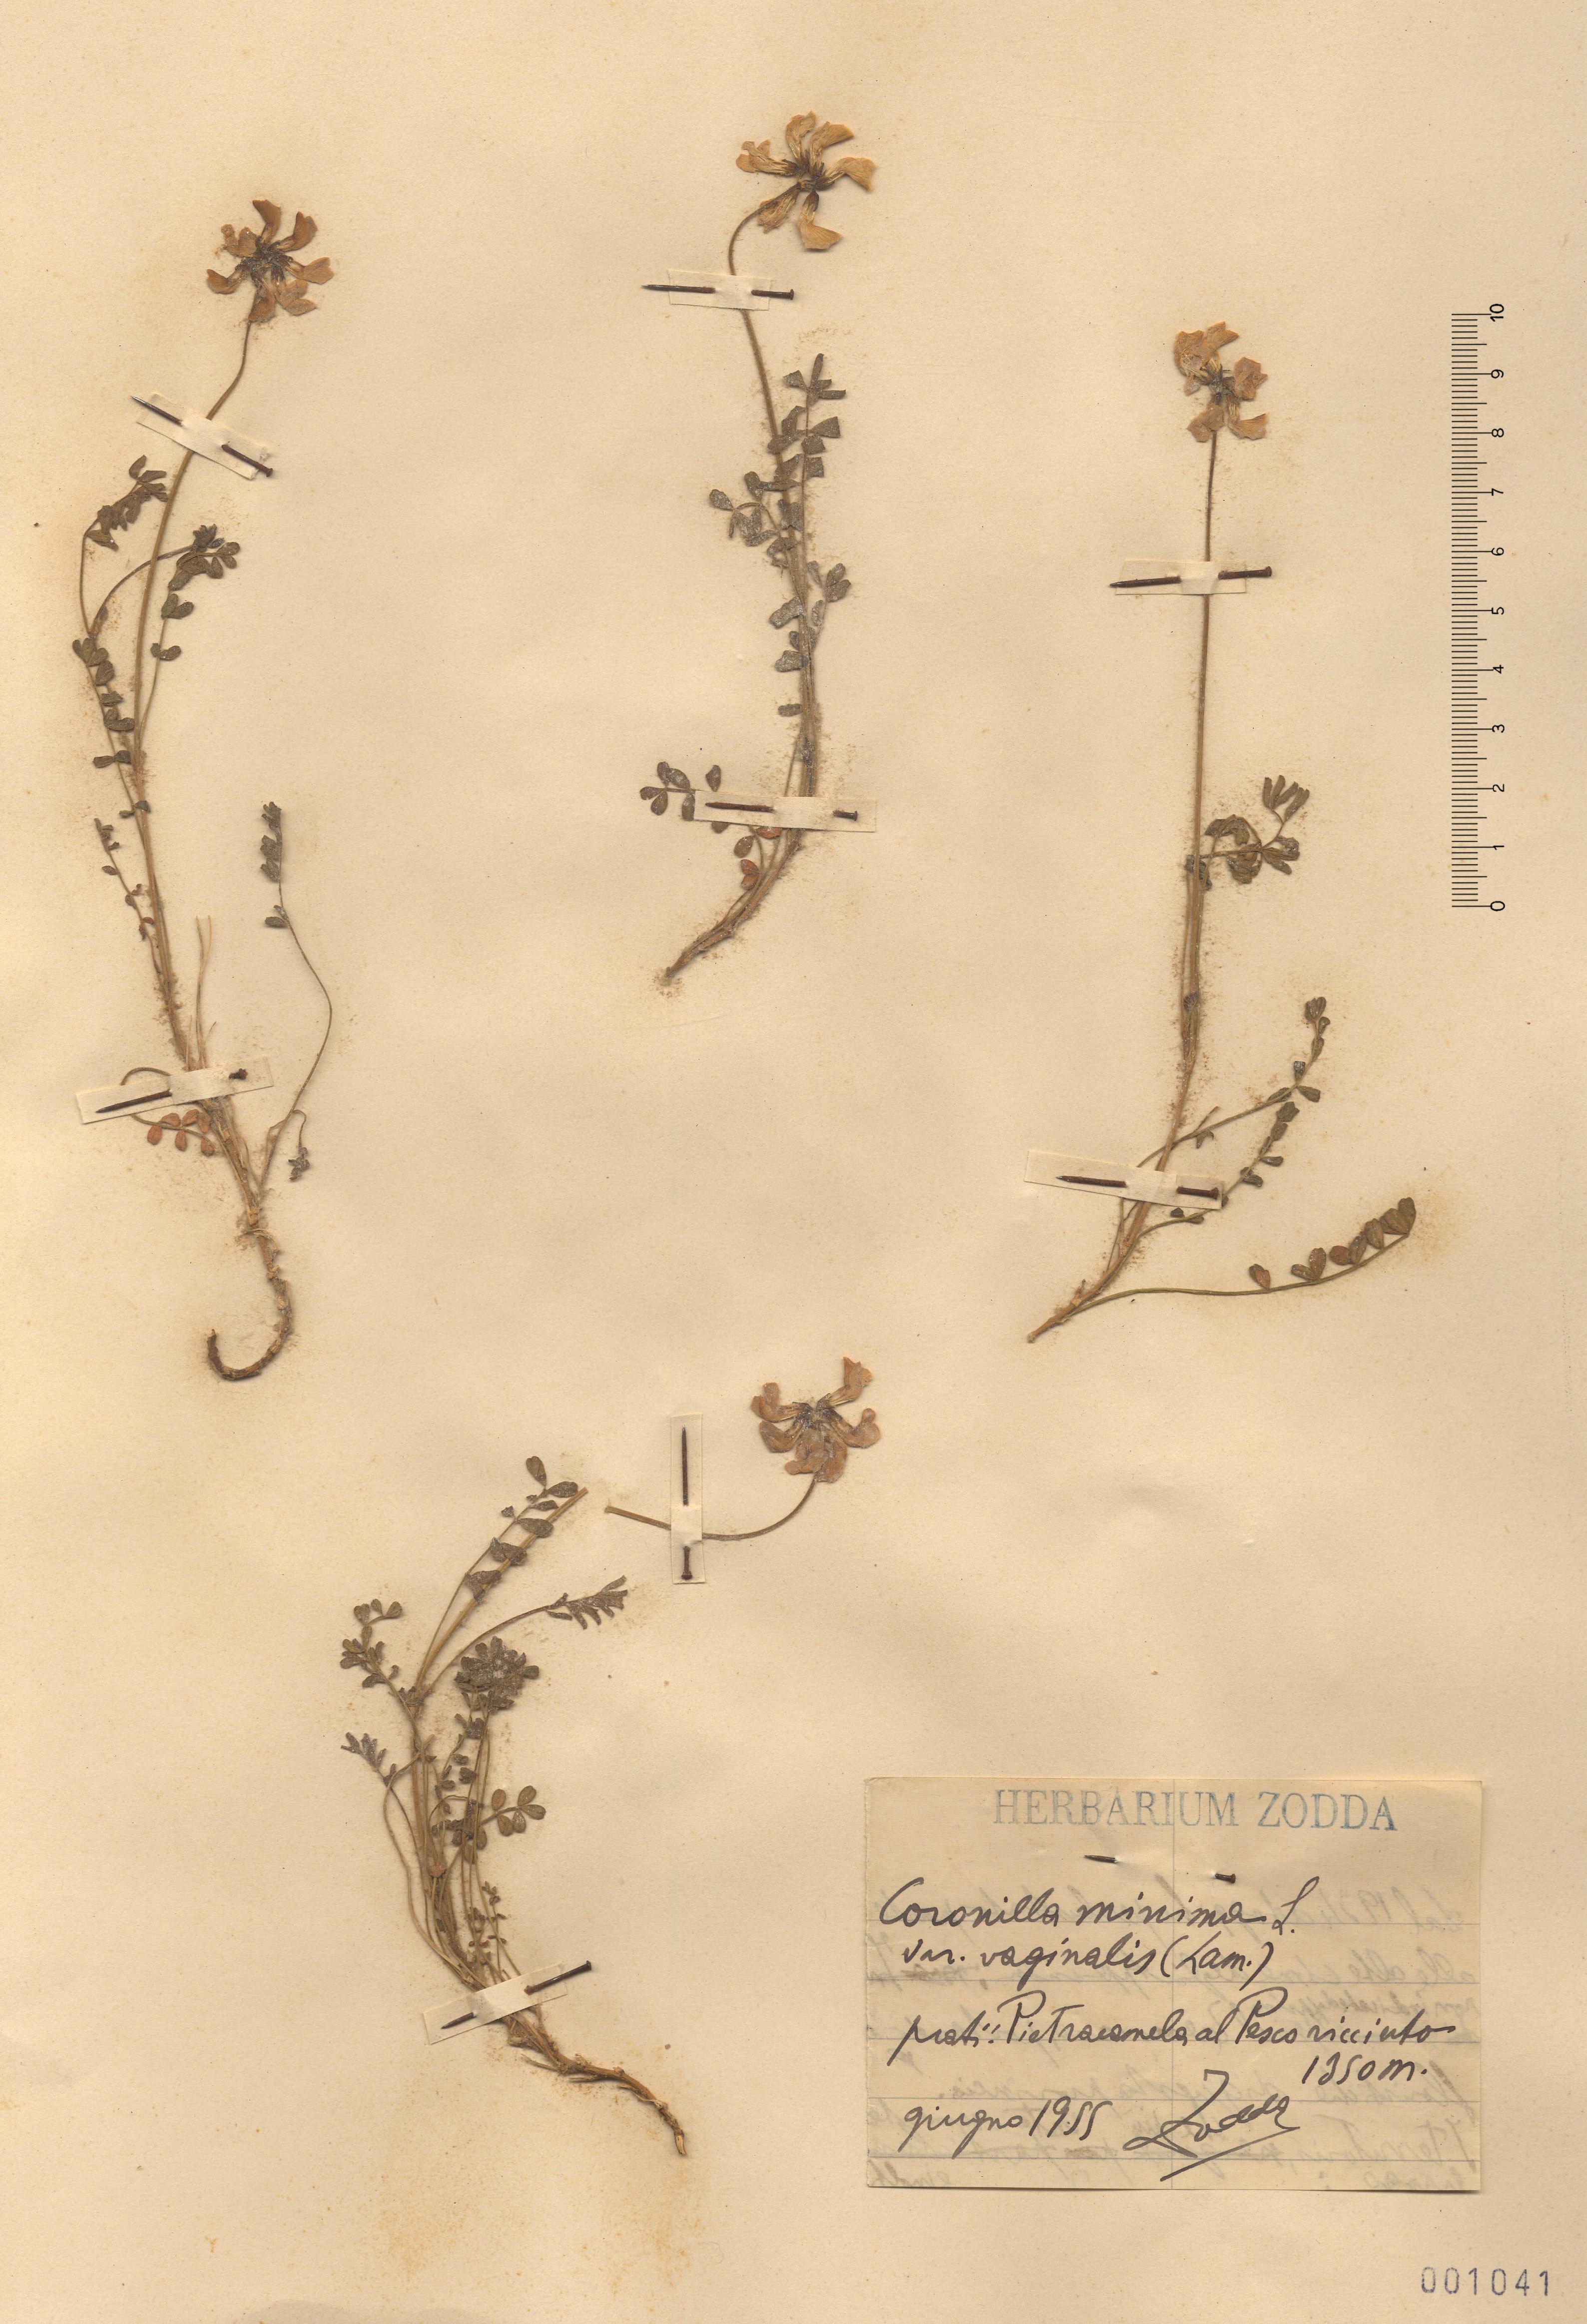 © Hortus Botanicus Catinensis - Herb. sheet 001041<br>